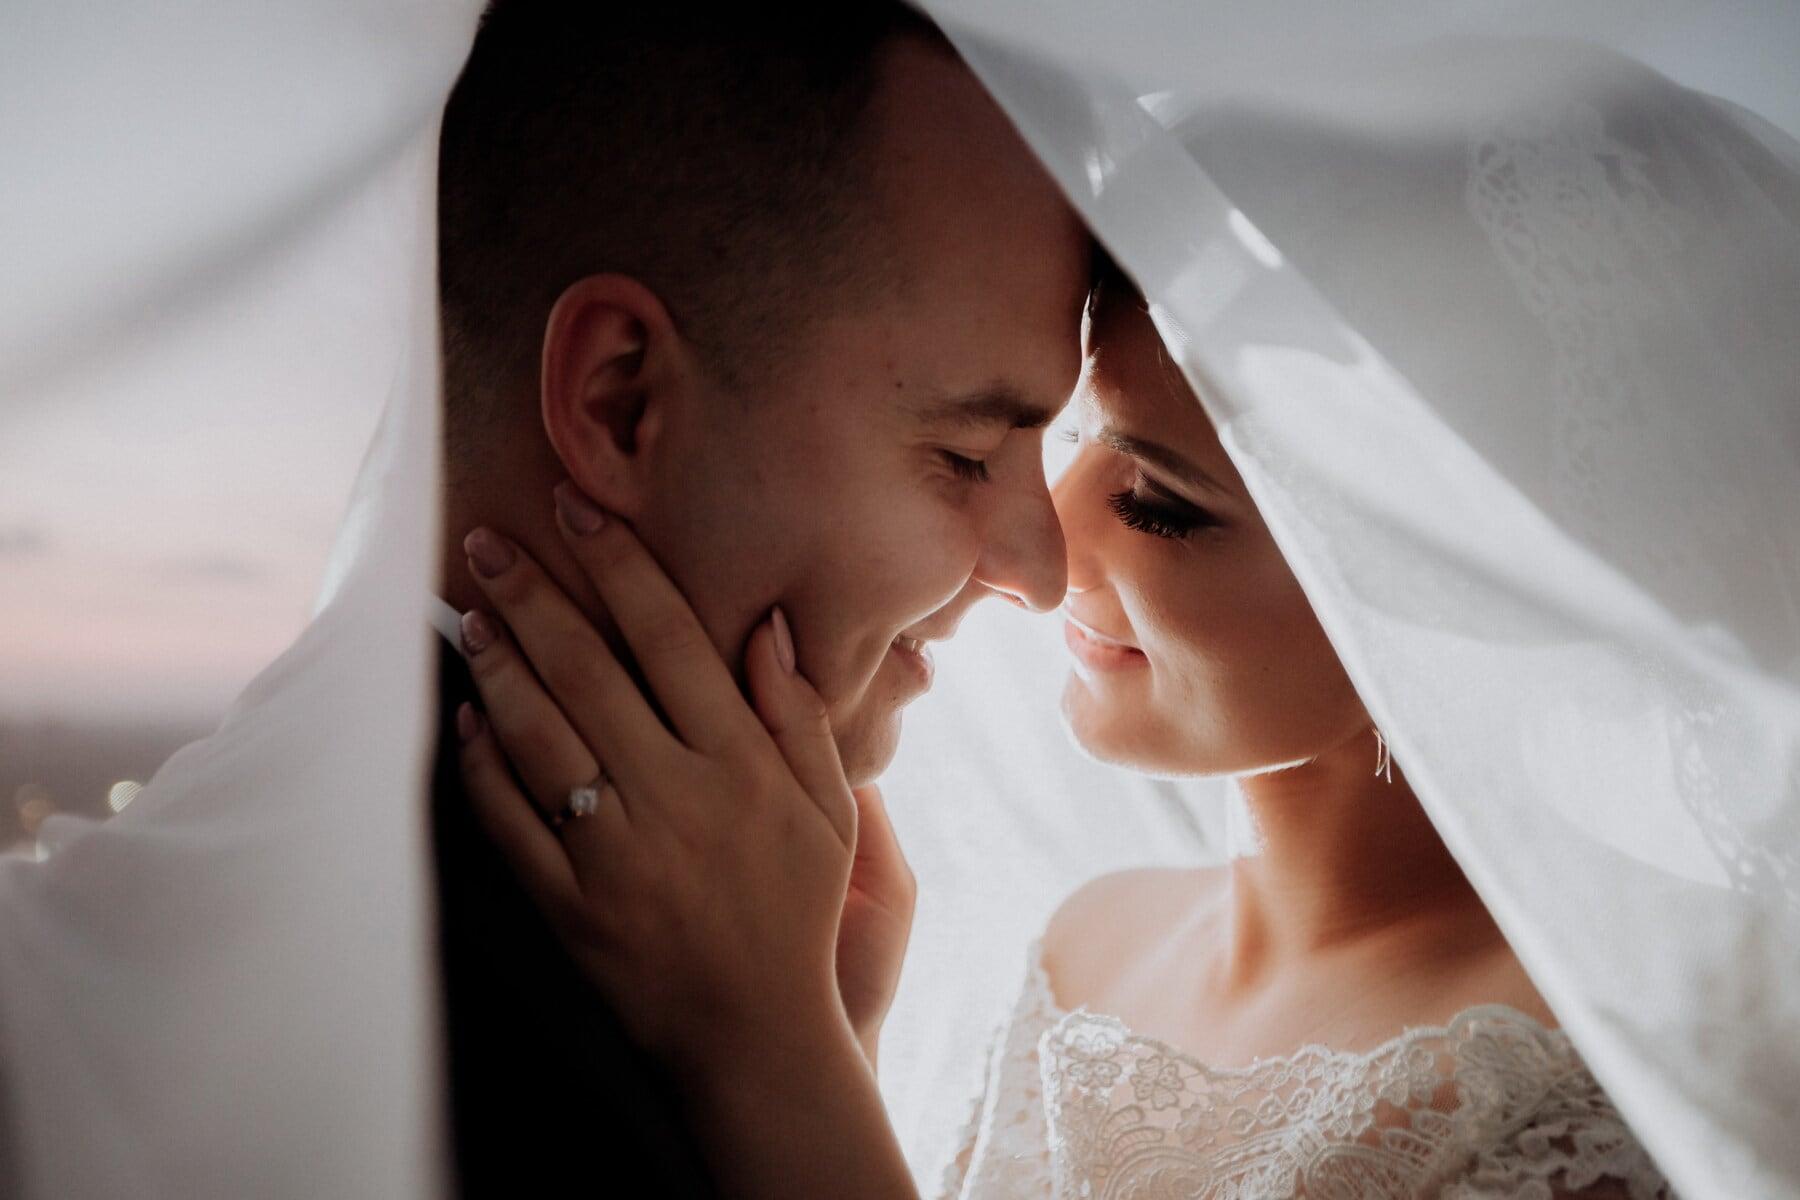 Jungvermählten, Bräutigam, Braut, darunter, Schleier, Hochzeitskleid, Kuss, Hochzeit, Liebe, Frau